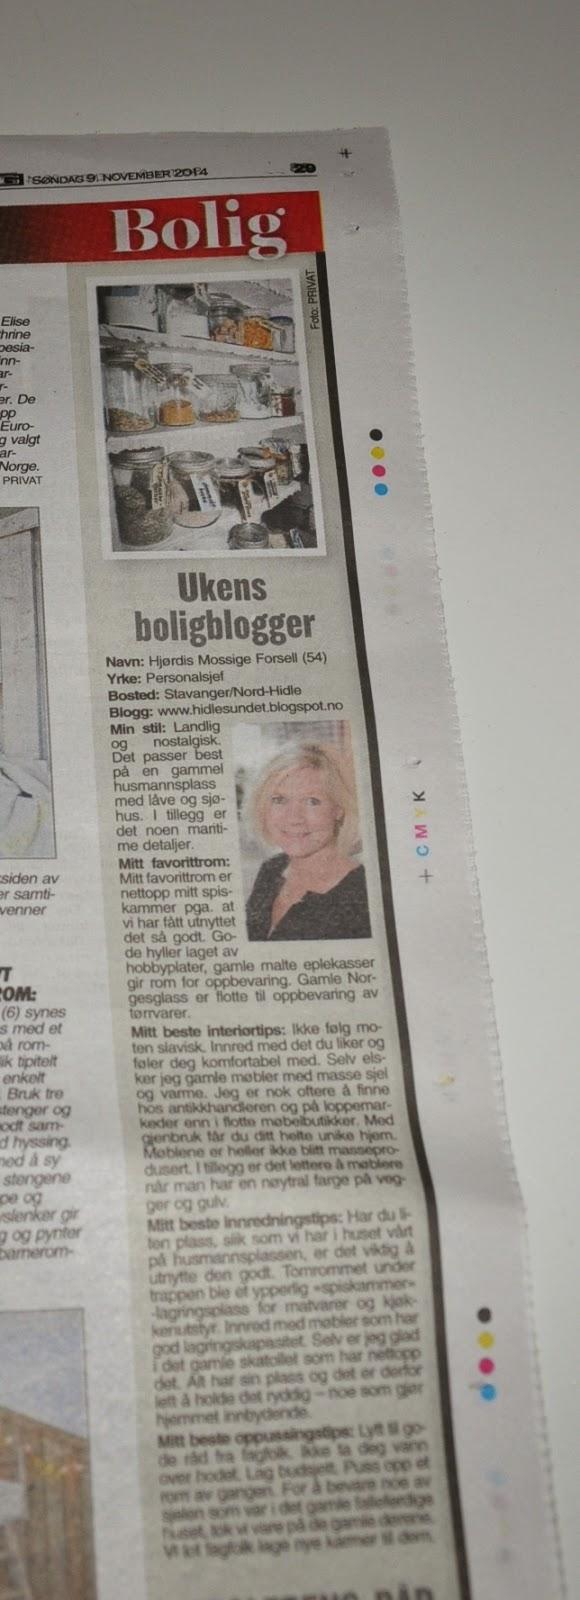 Ukens Boligblogger i VG